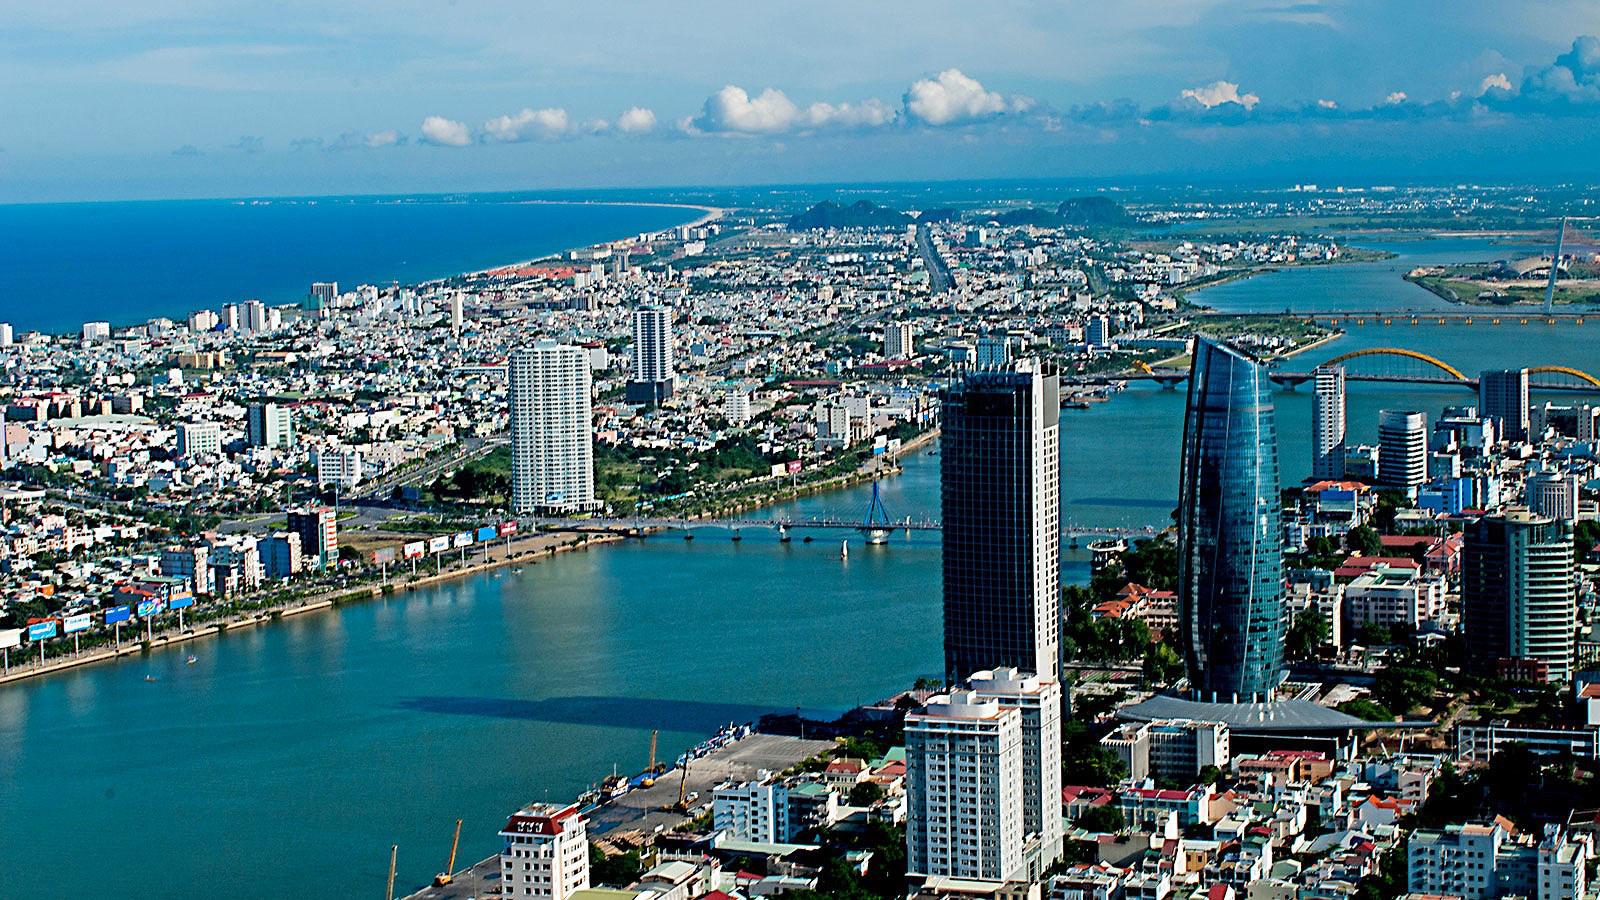 Đà Nẵng dành khoảng 14.000 tỉ đồng đầu tư cơ sở hạ tầng năm 2020 - Ảnh 1.